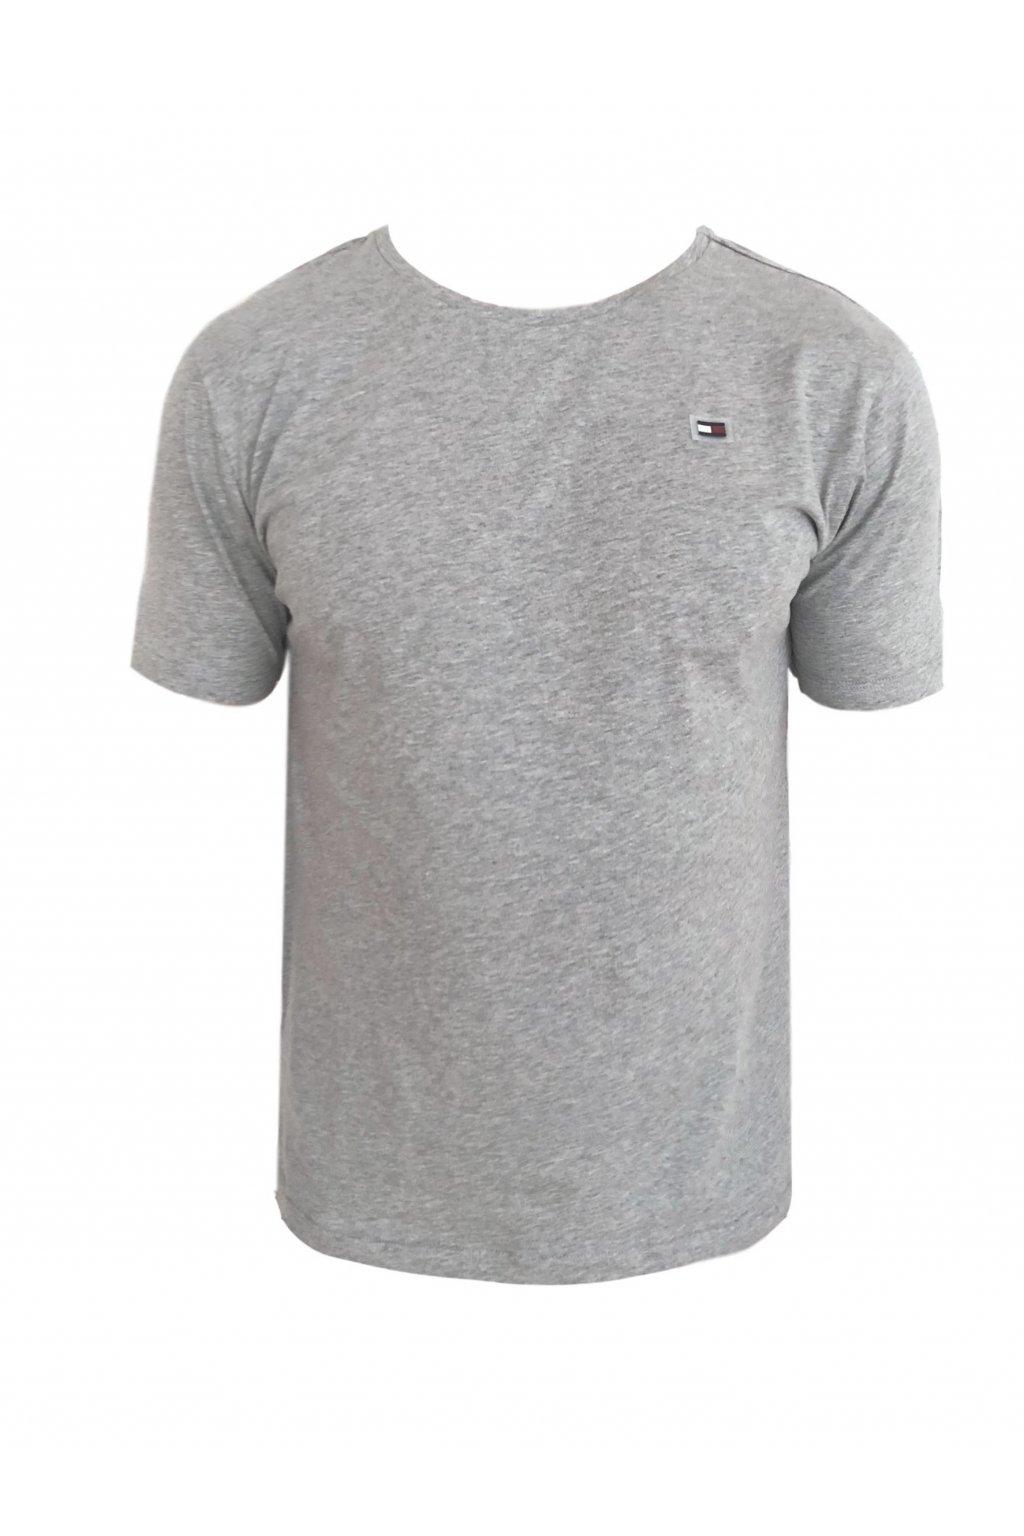 Limited! Tommy Hilfiger Better Cotton Tričko Icon - šedé